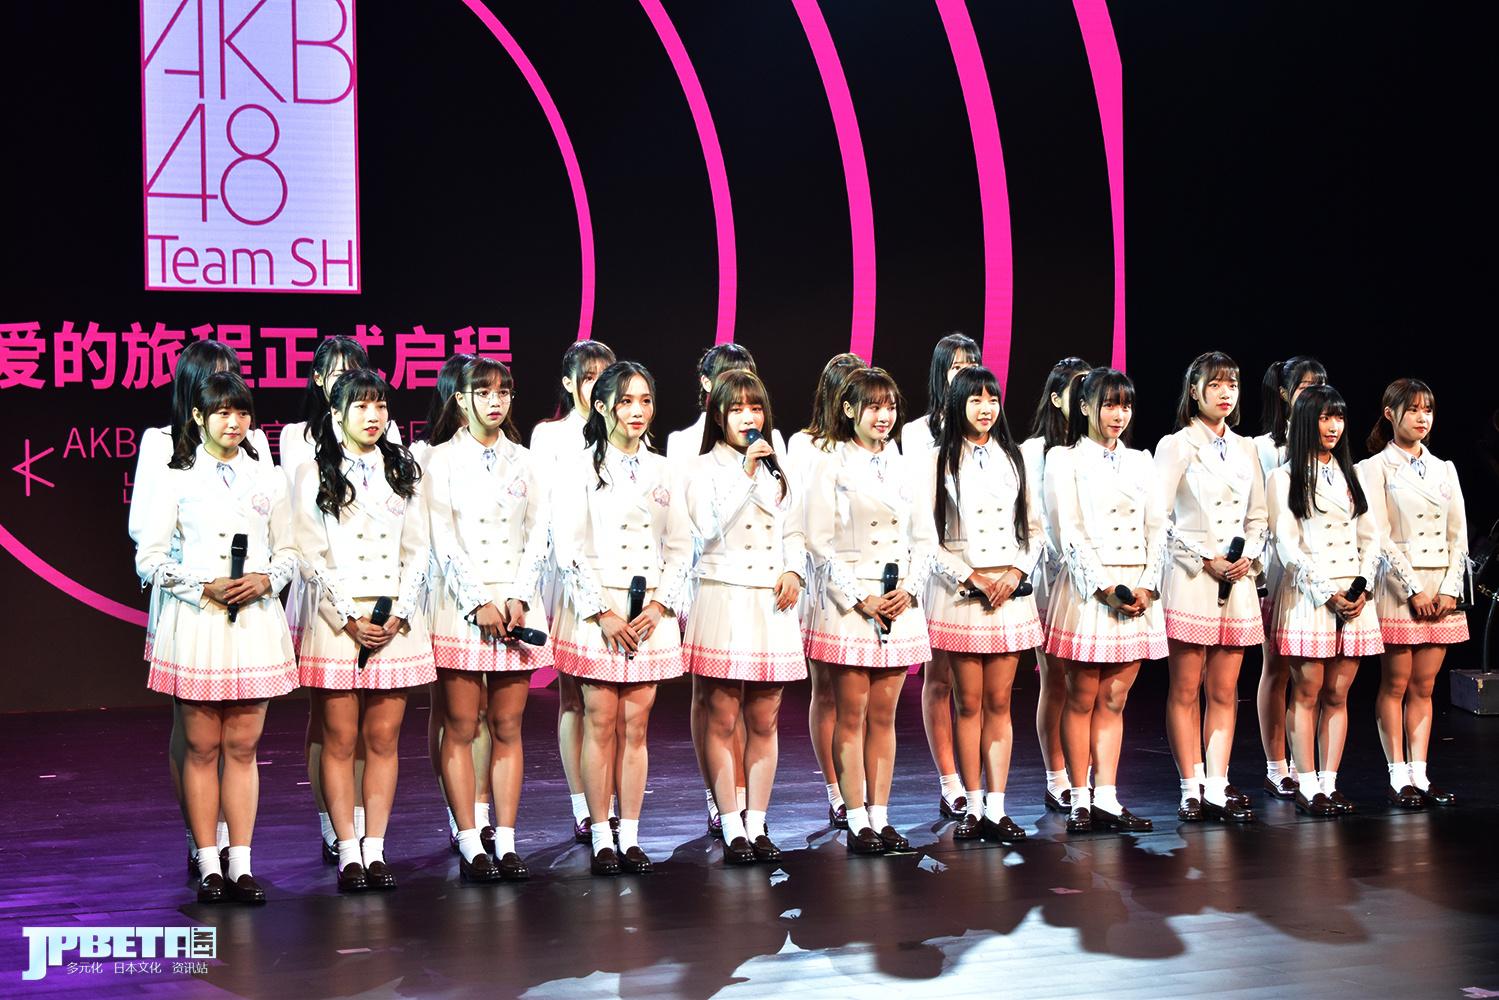 开启爱的旅程 | AKB48中国官方姐妹团 AKB Team SH 正式出道